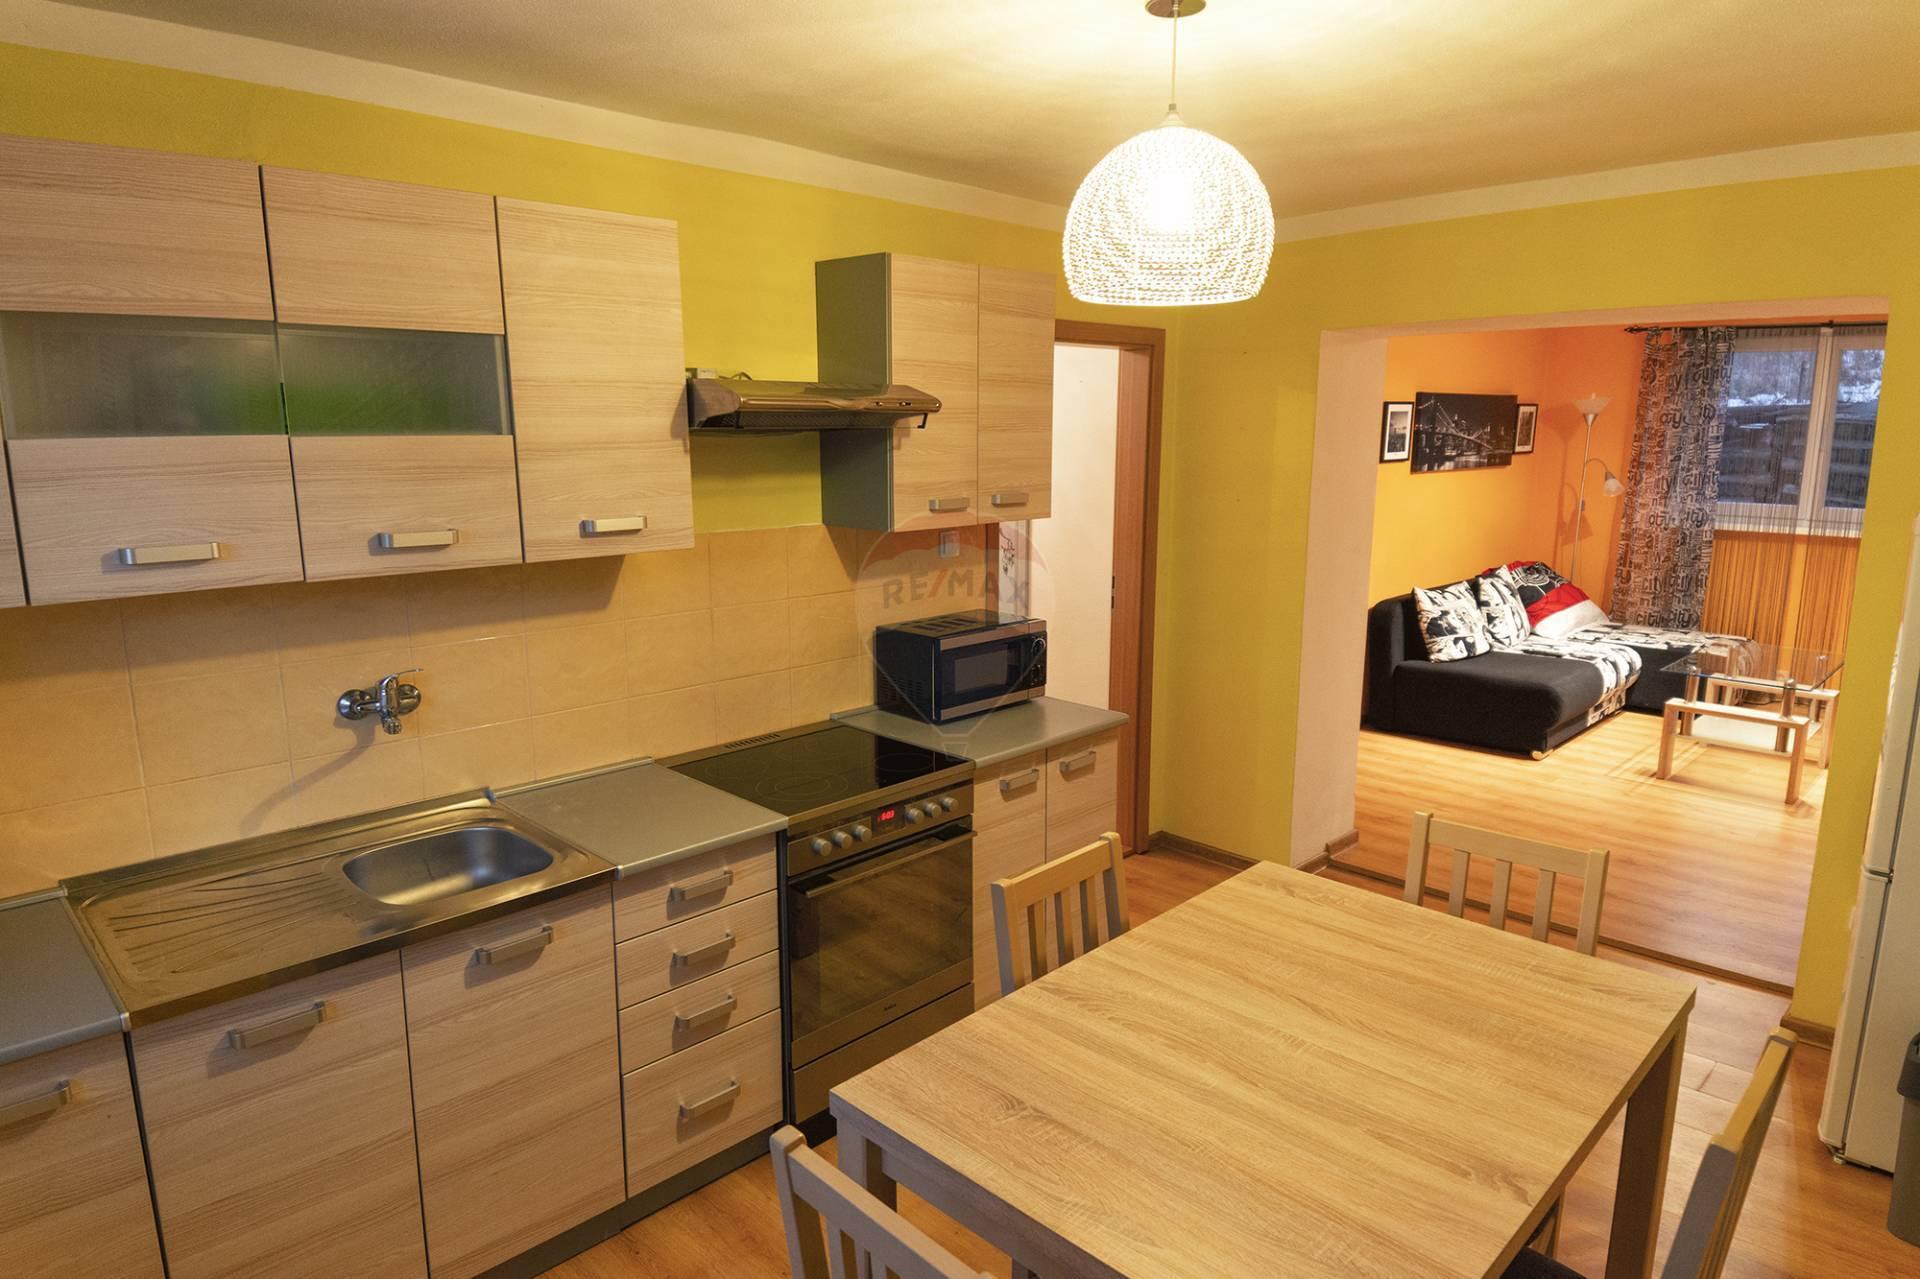 Predaj bytu (2 izbový) 55 m2, Bernolákova – Dolný Kubín